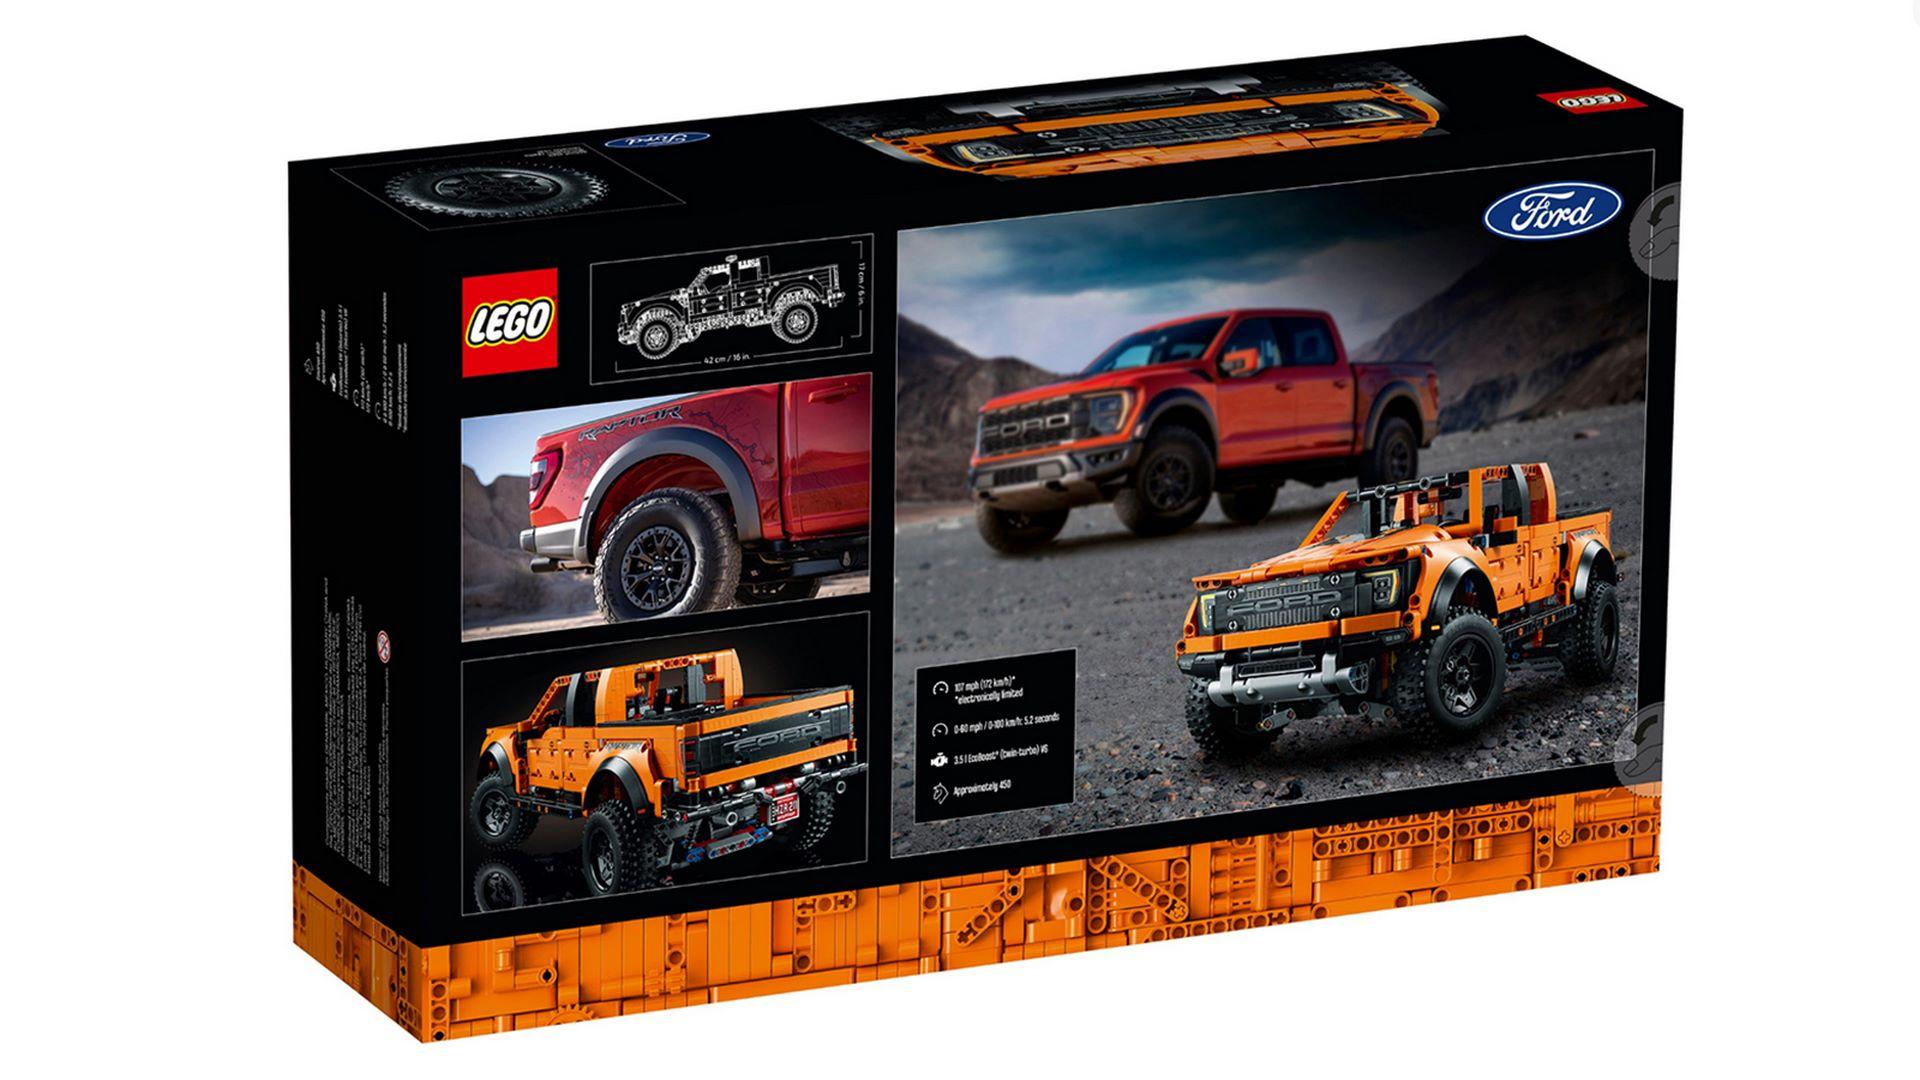 Lego-Technic-Ford-F-150-Raptor-11